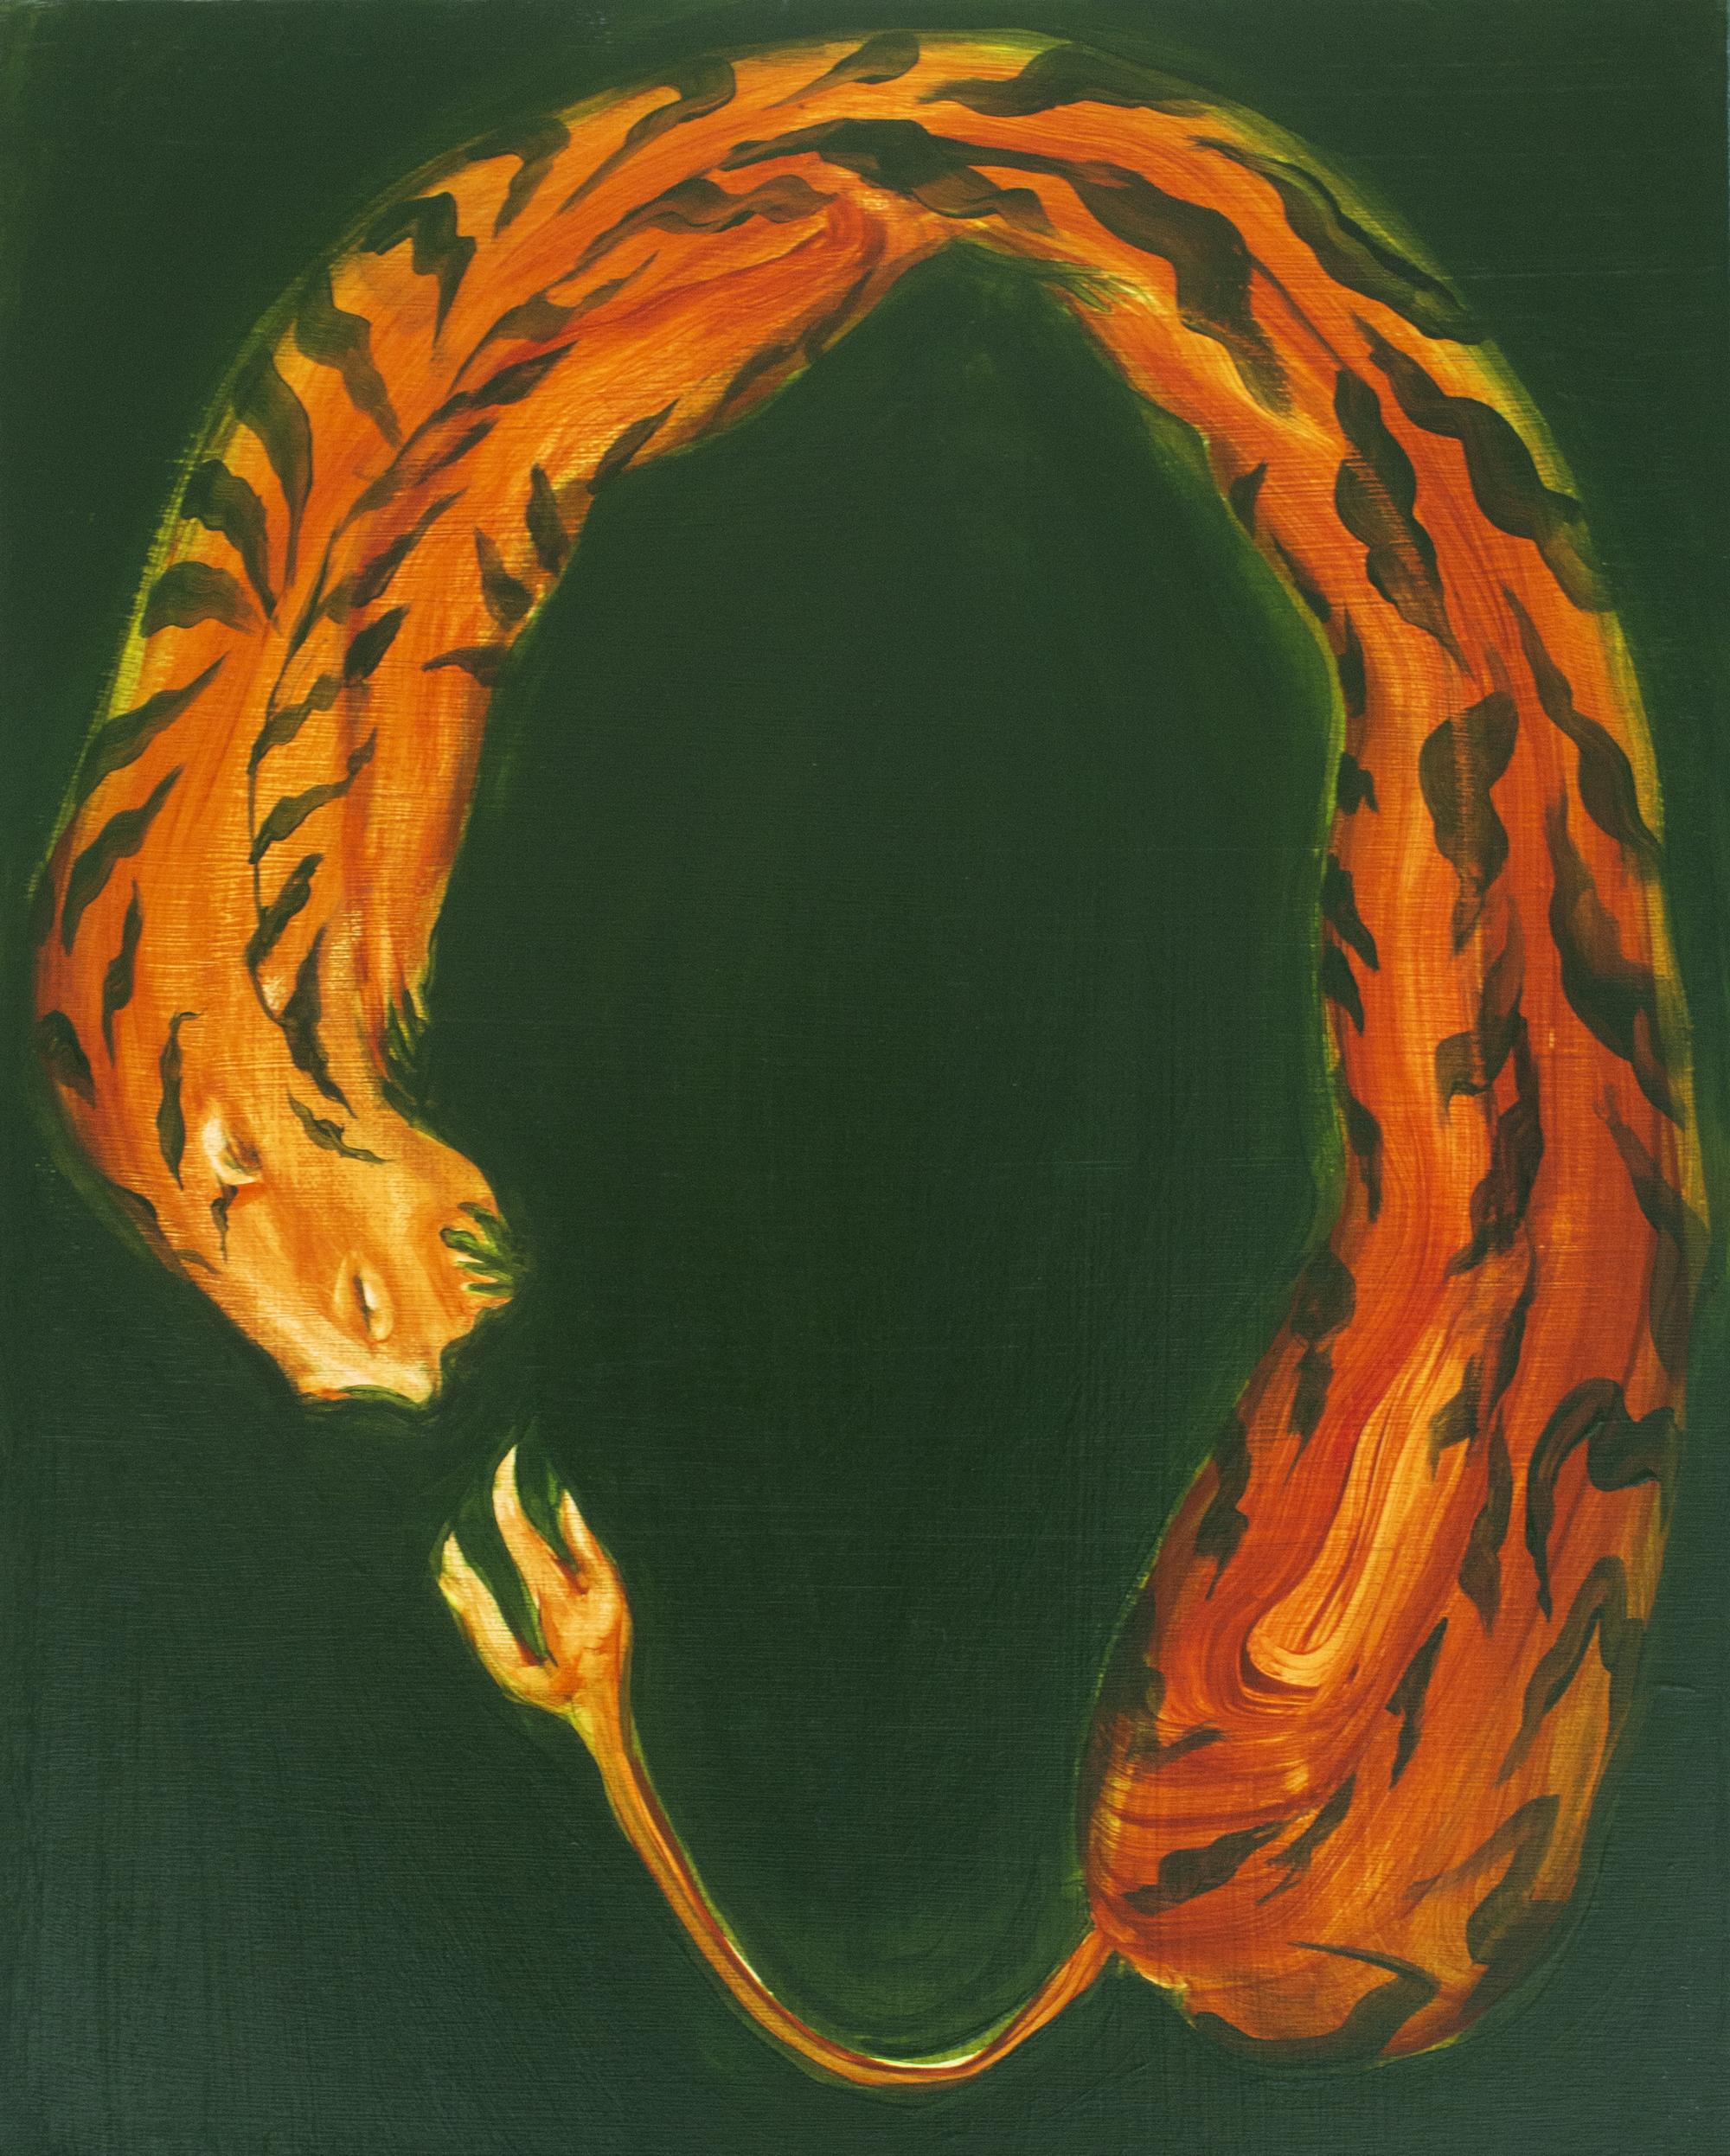 Aparna Sarkar, Untitled (Tiger Loop), 2019